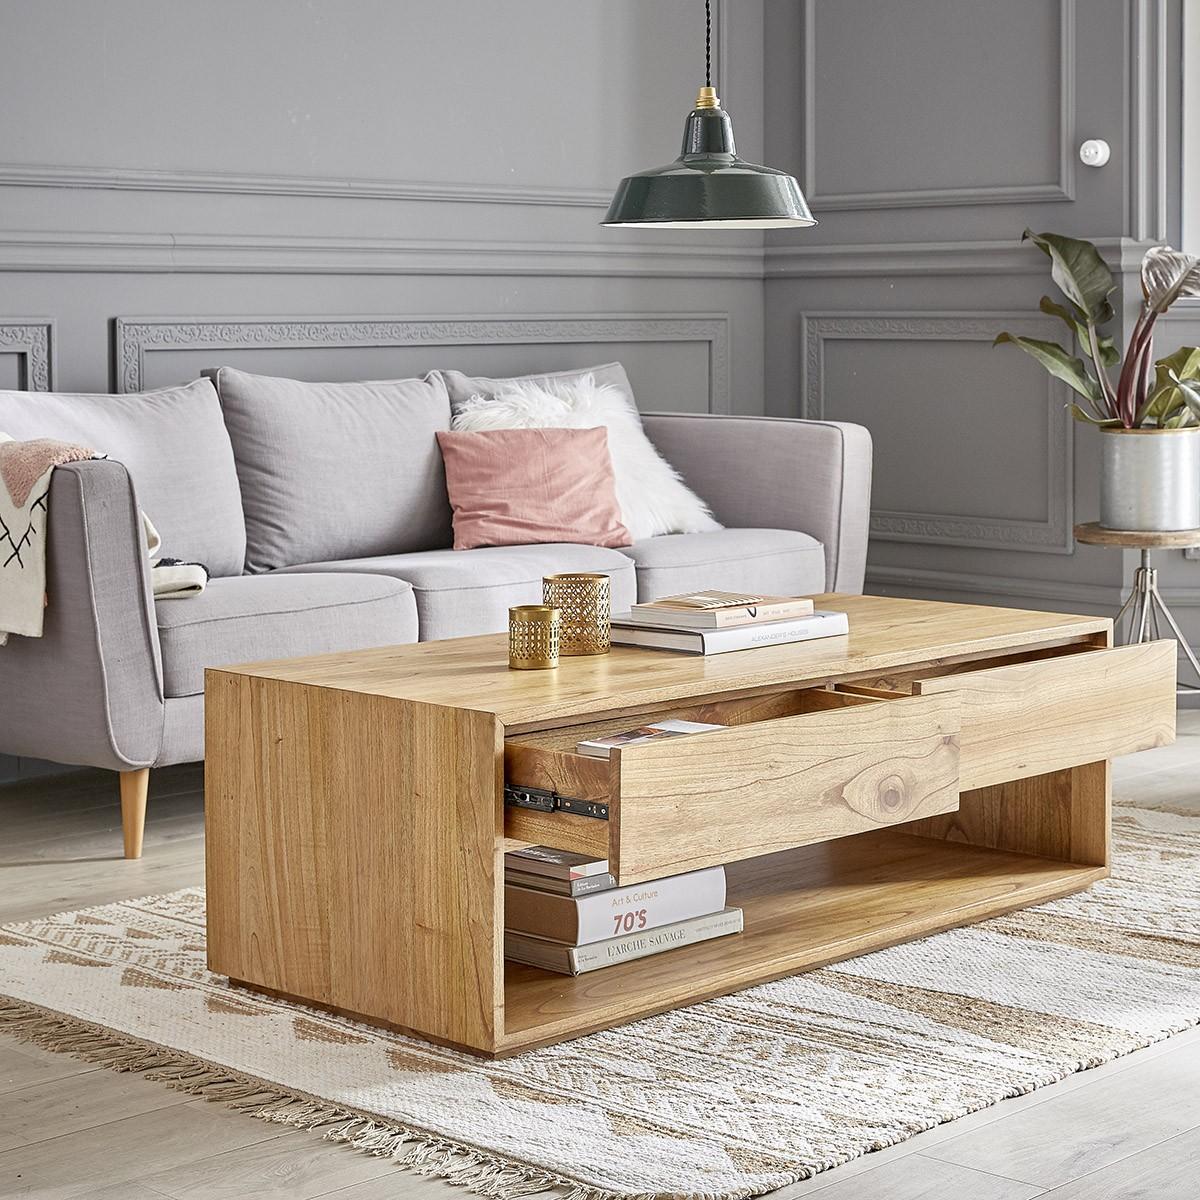 Table basse 4 tiroirs en mindy